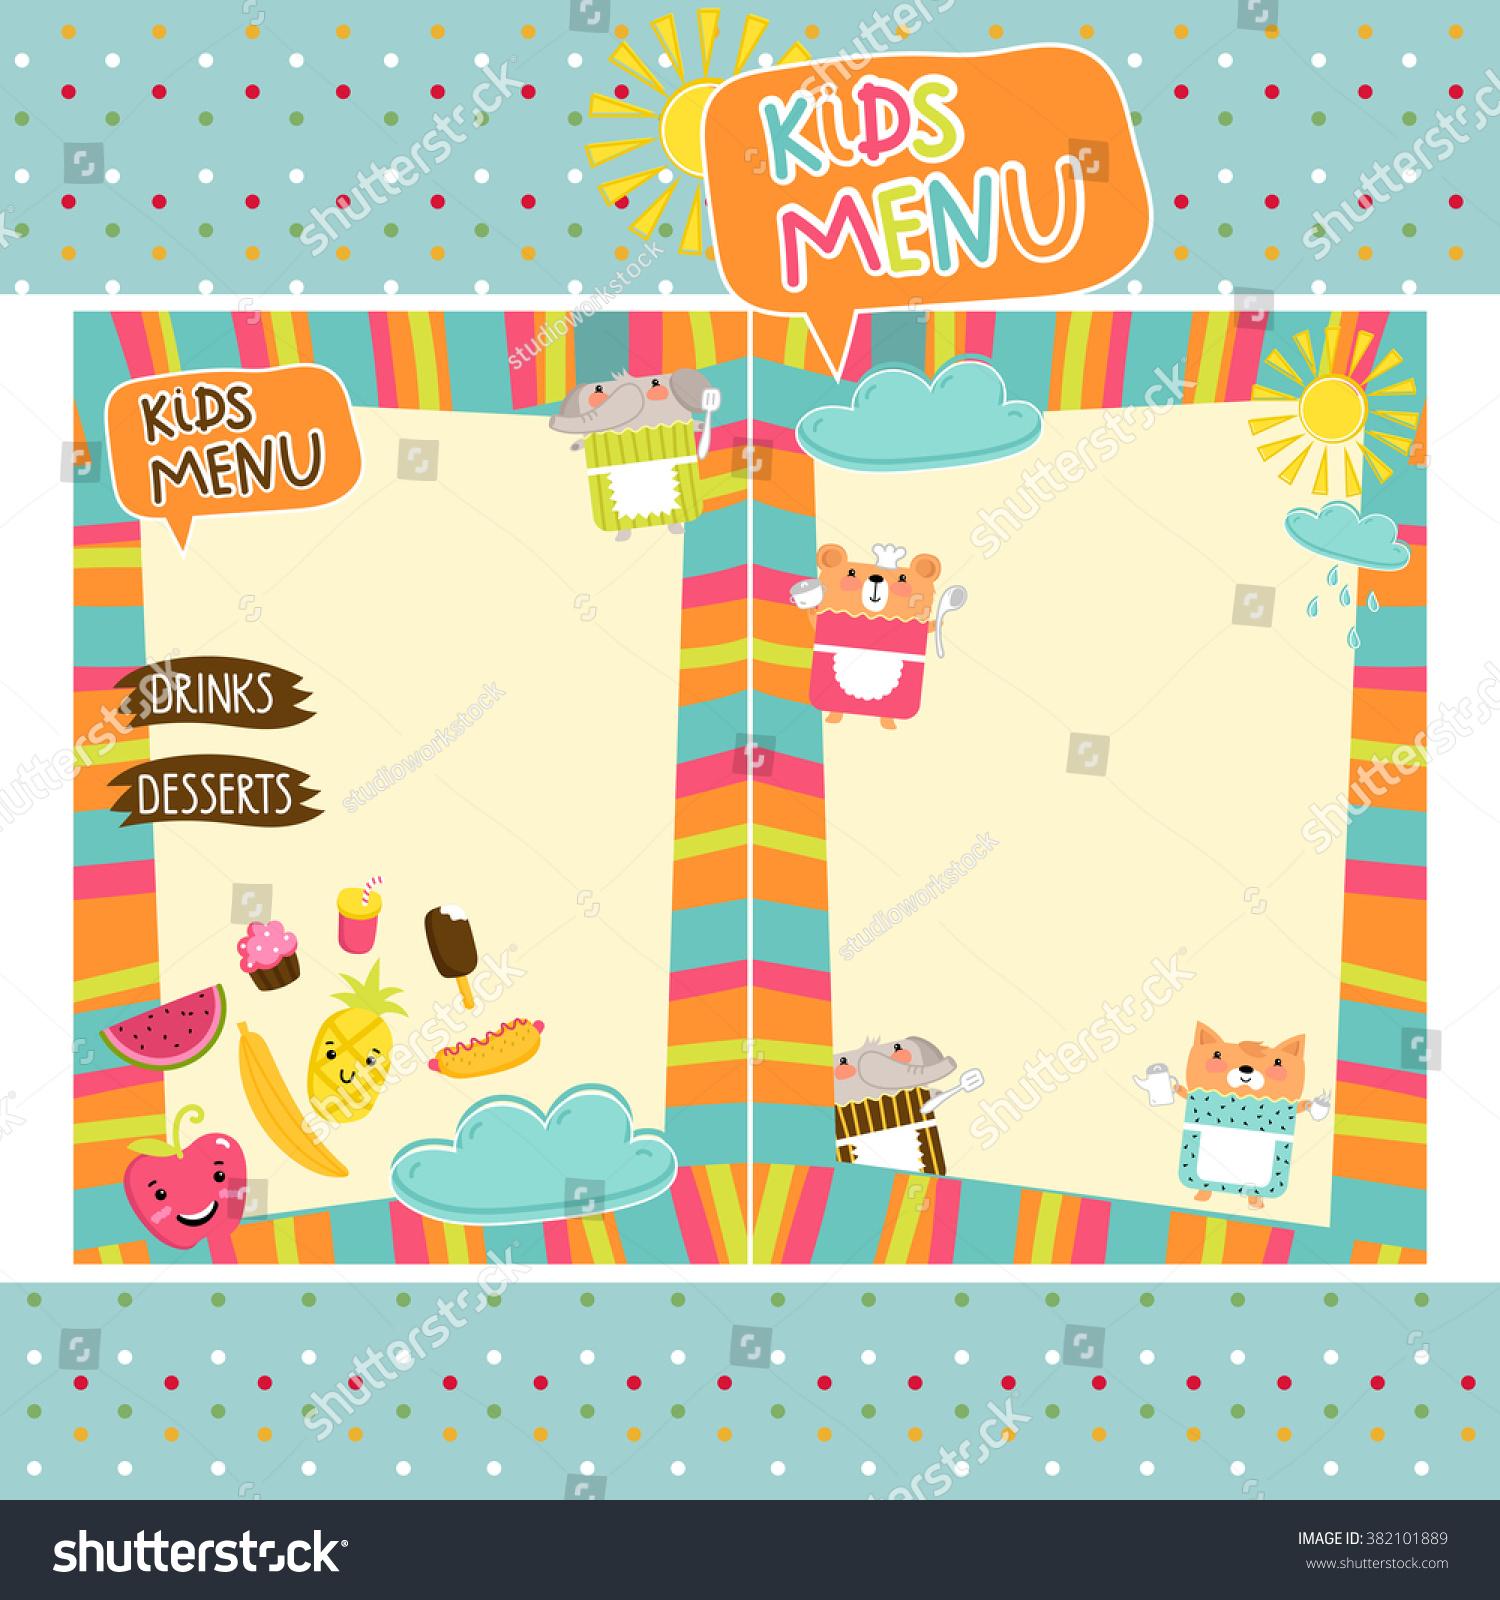 Kids Menu Template Design Stock Vector 382101889 - Shutterstock